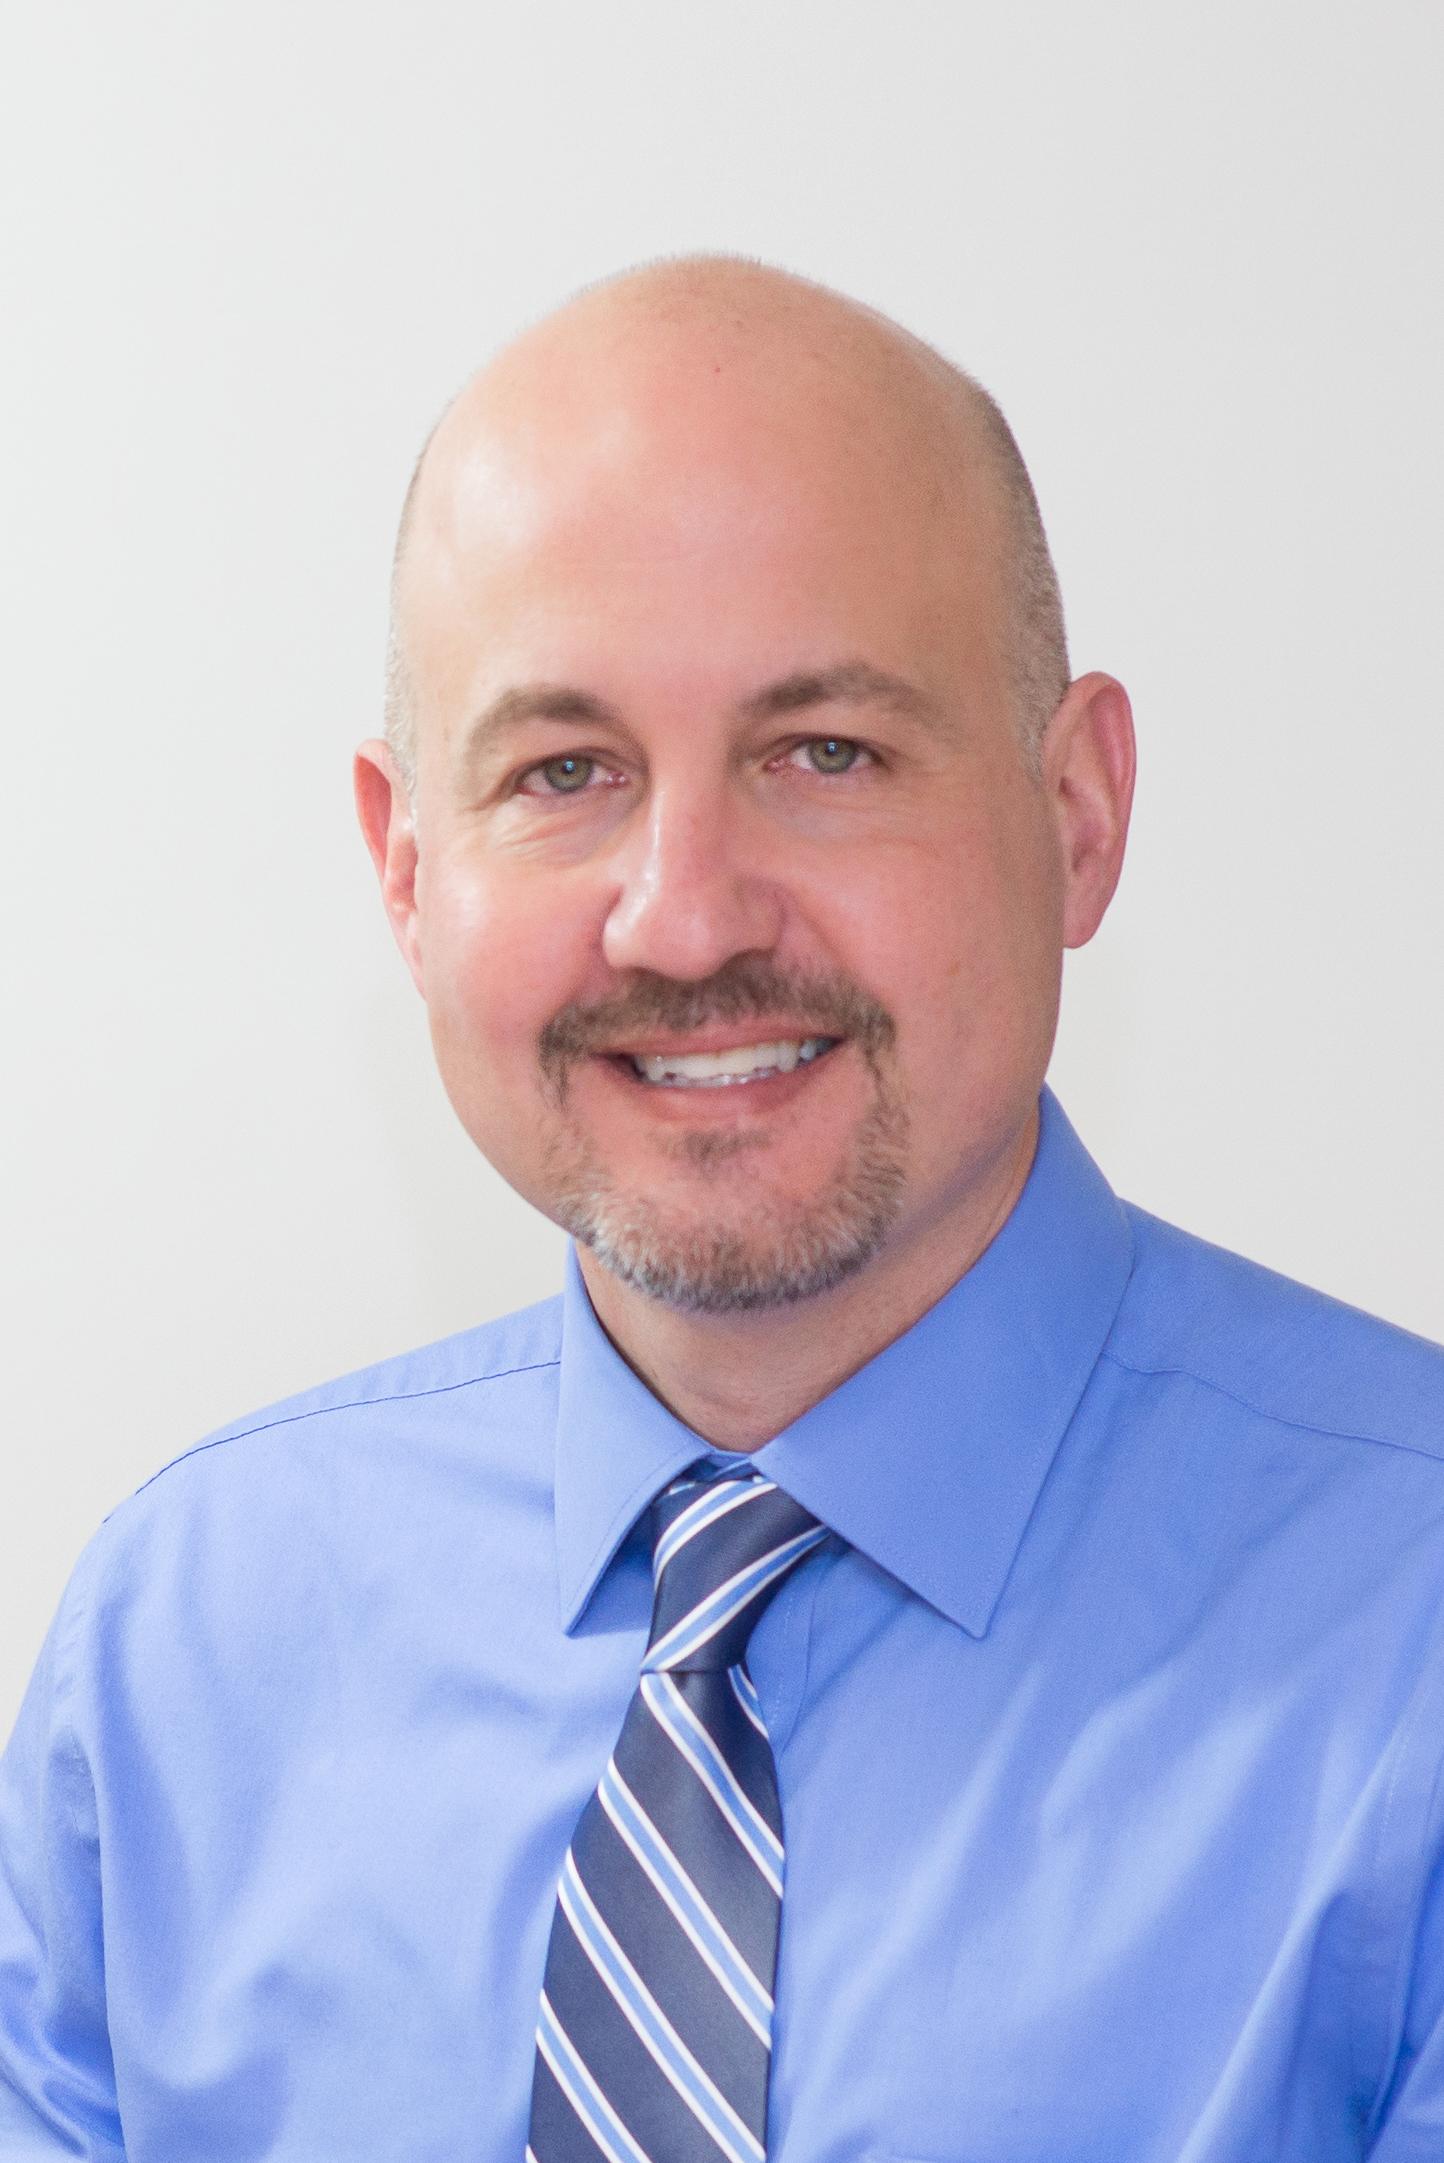 Steve Bitzer